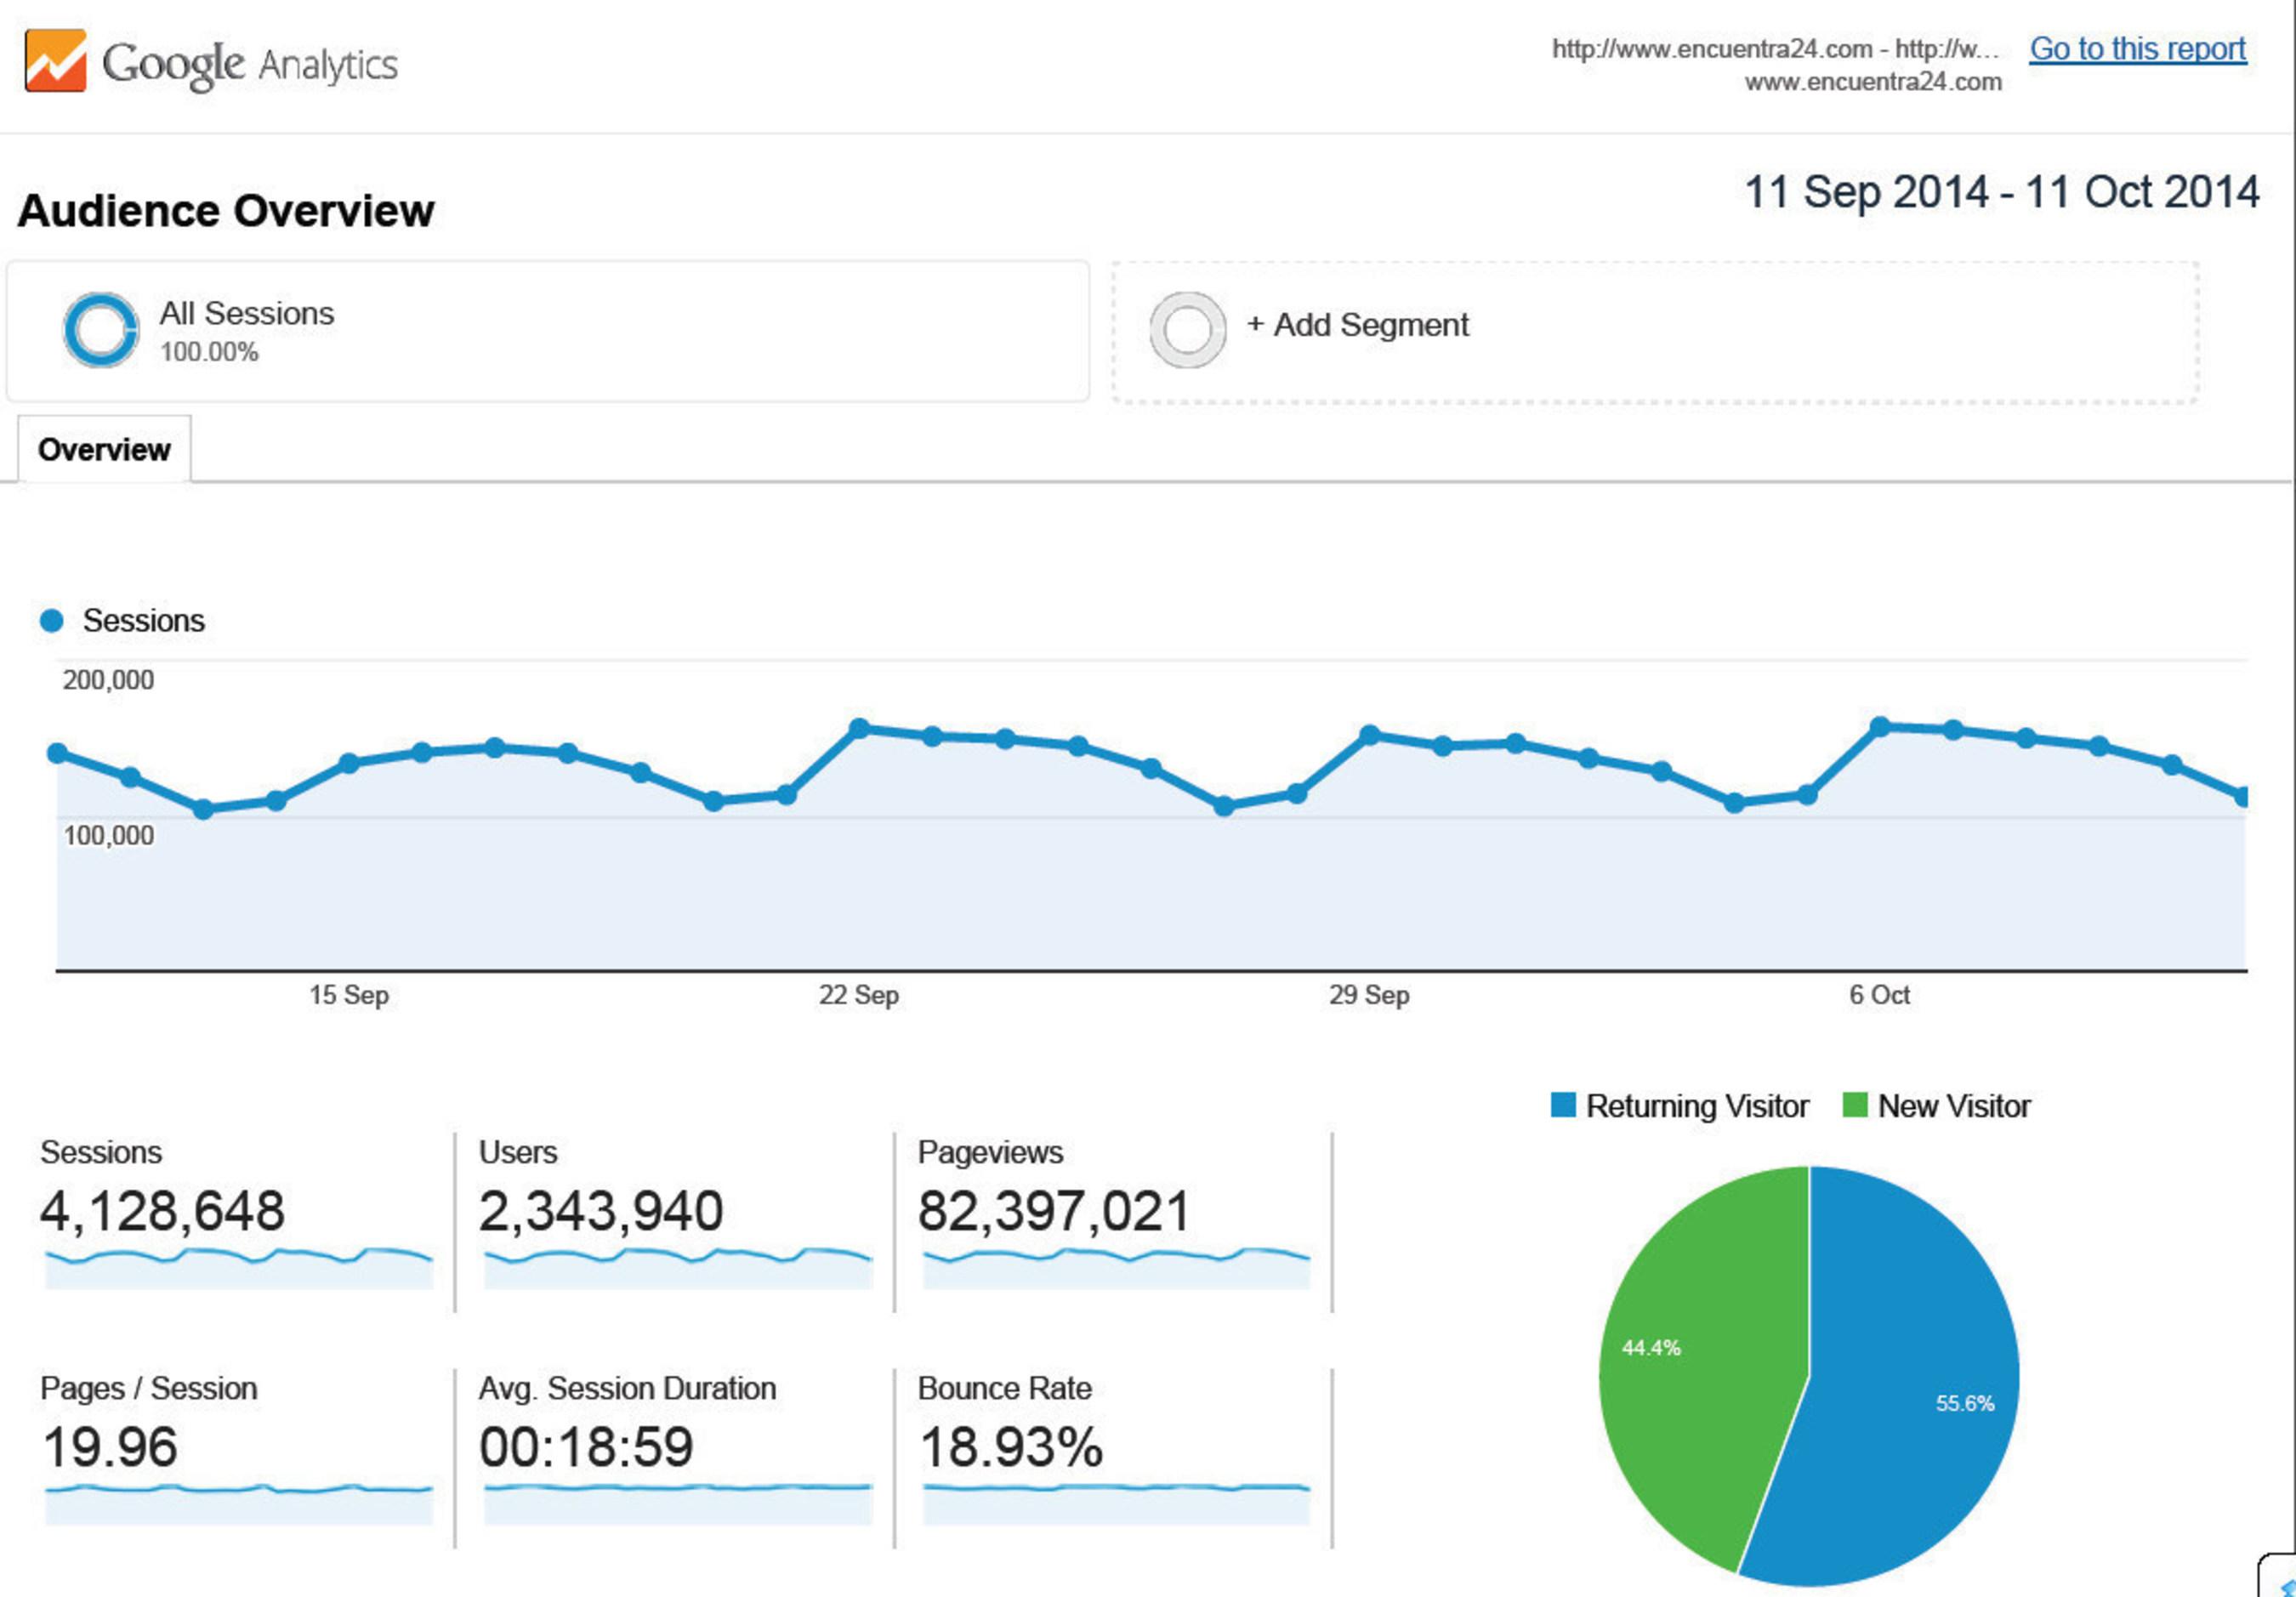 Google Analytics for Encuentra24.com